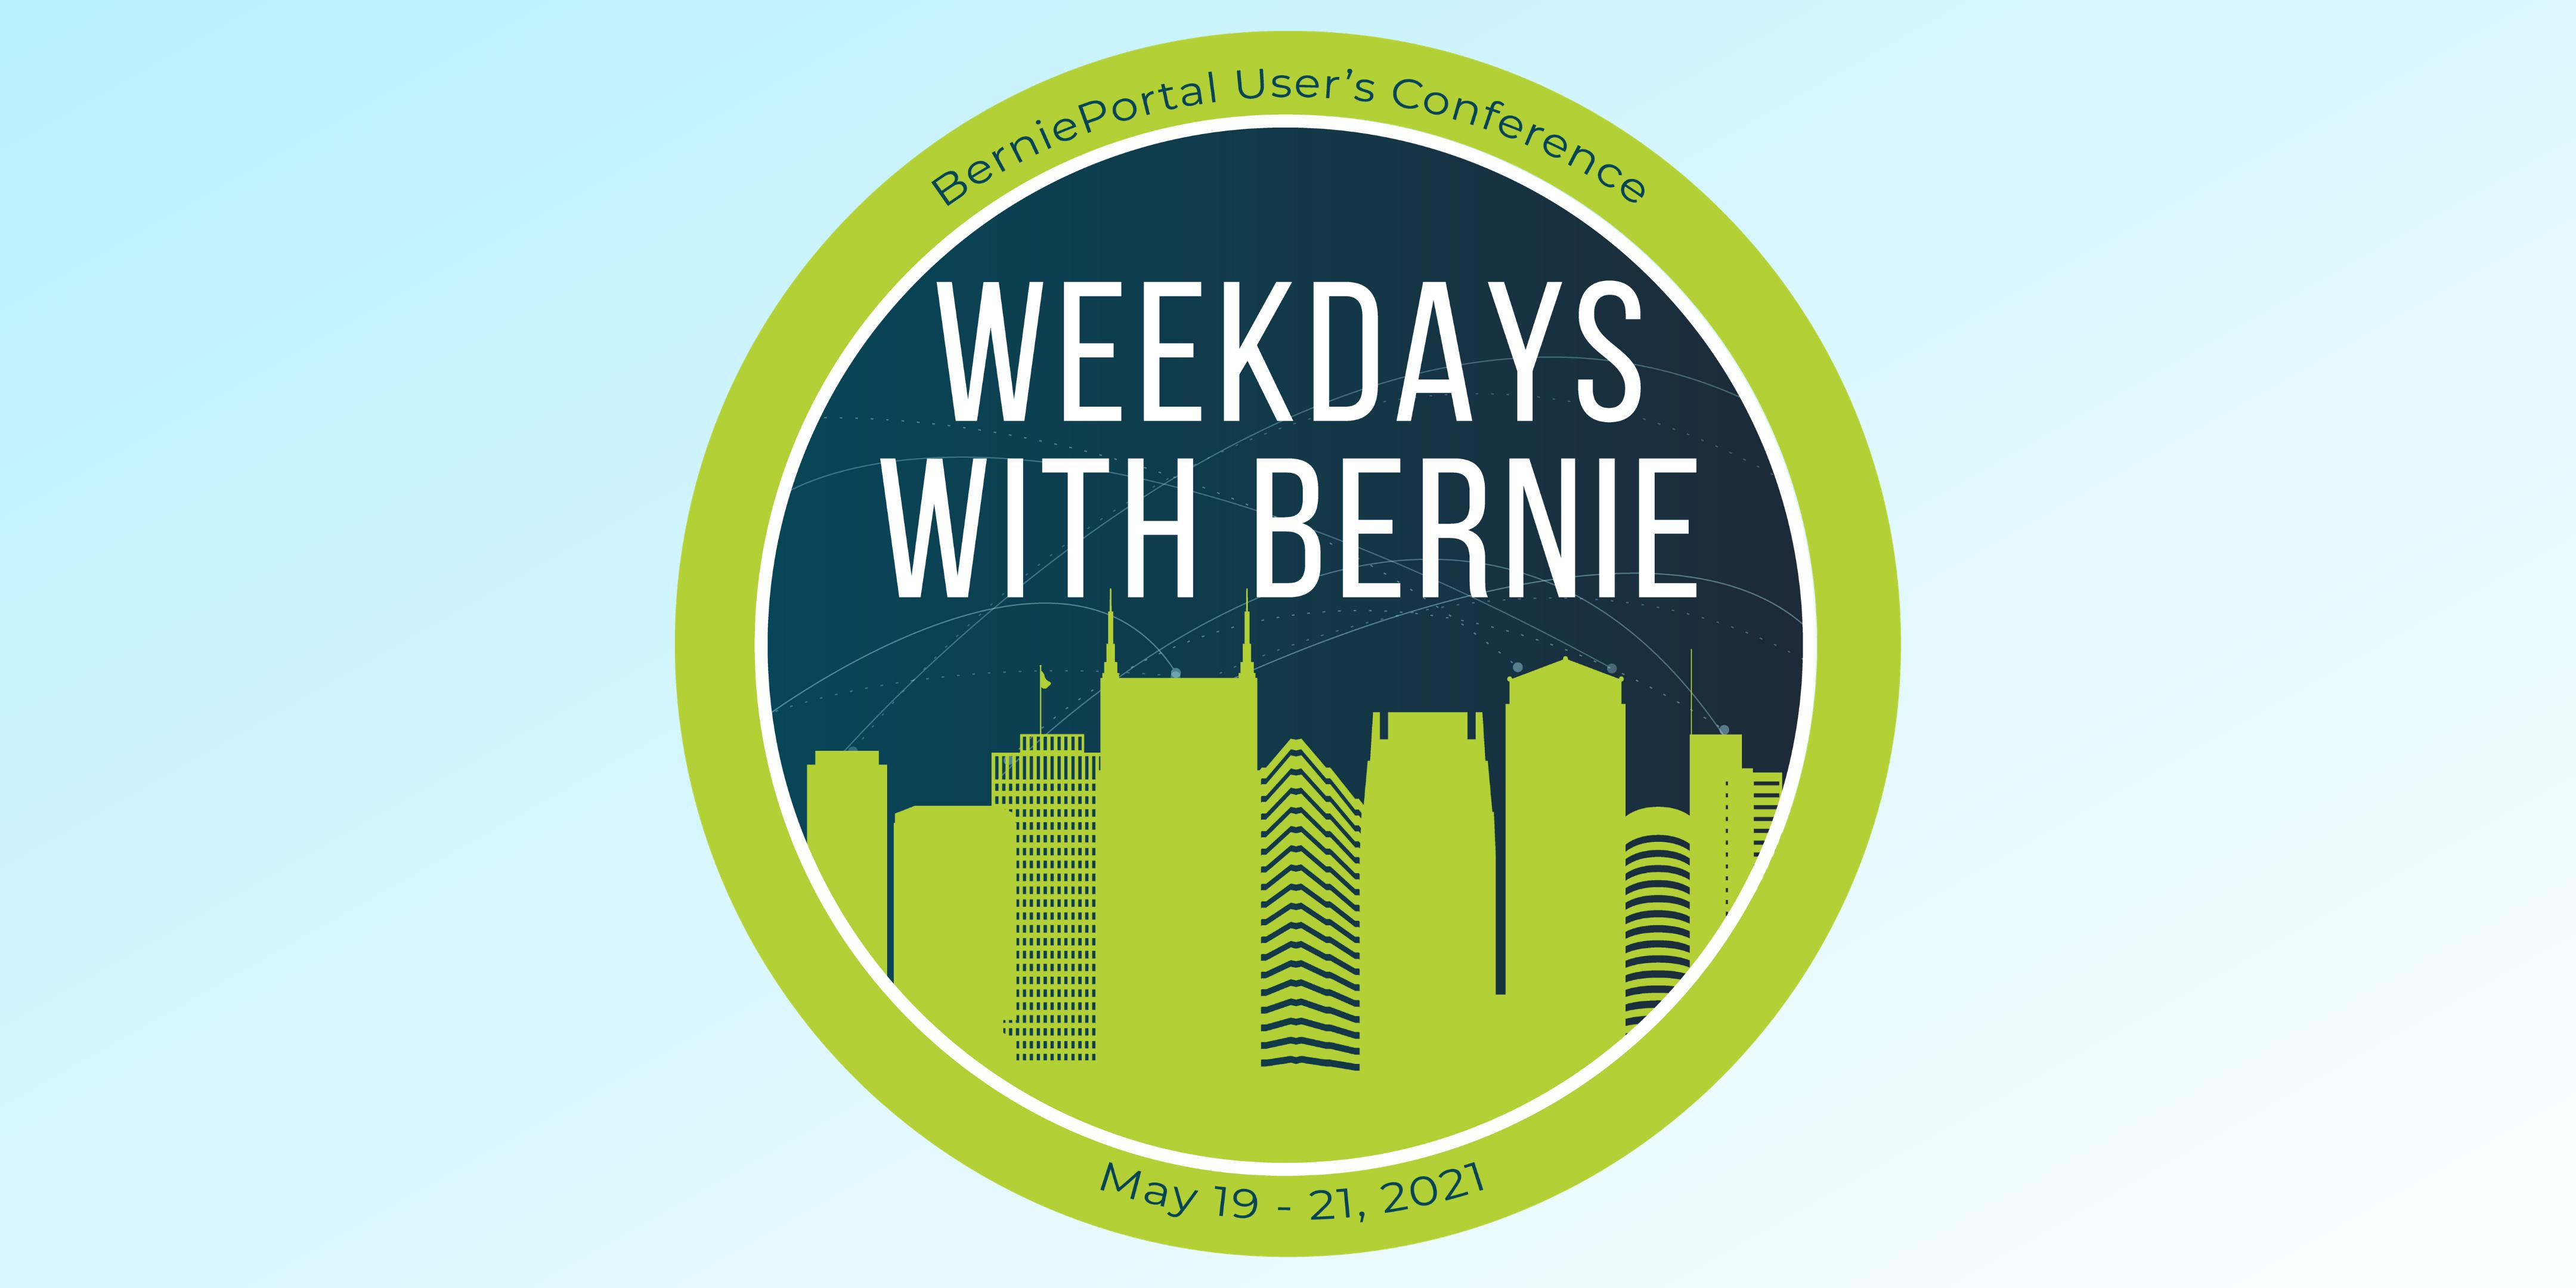 Key Takeaways from Weekdays with Bernie 2021